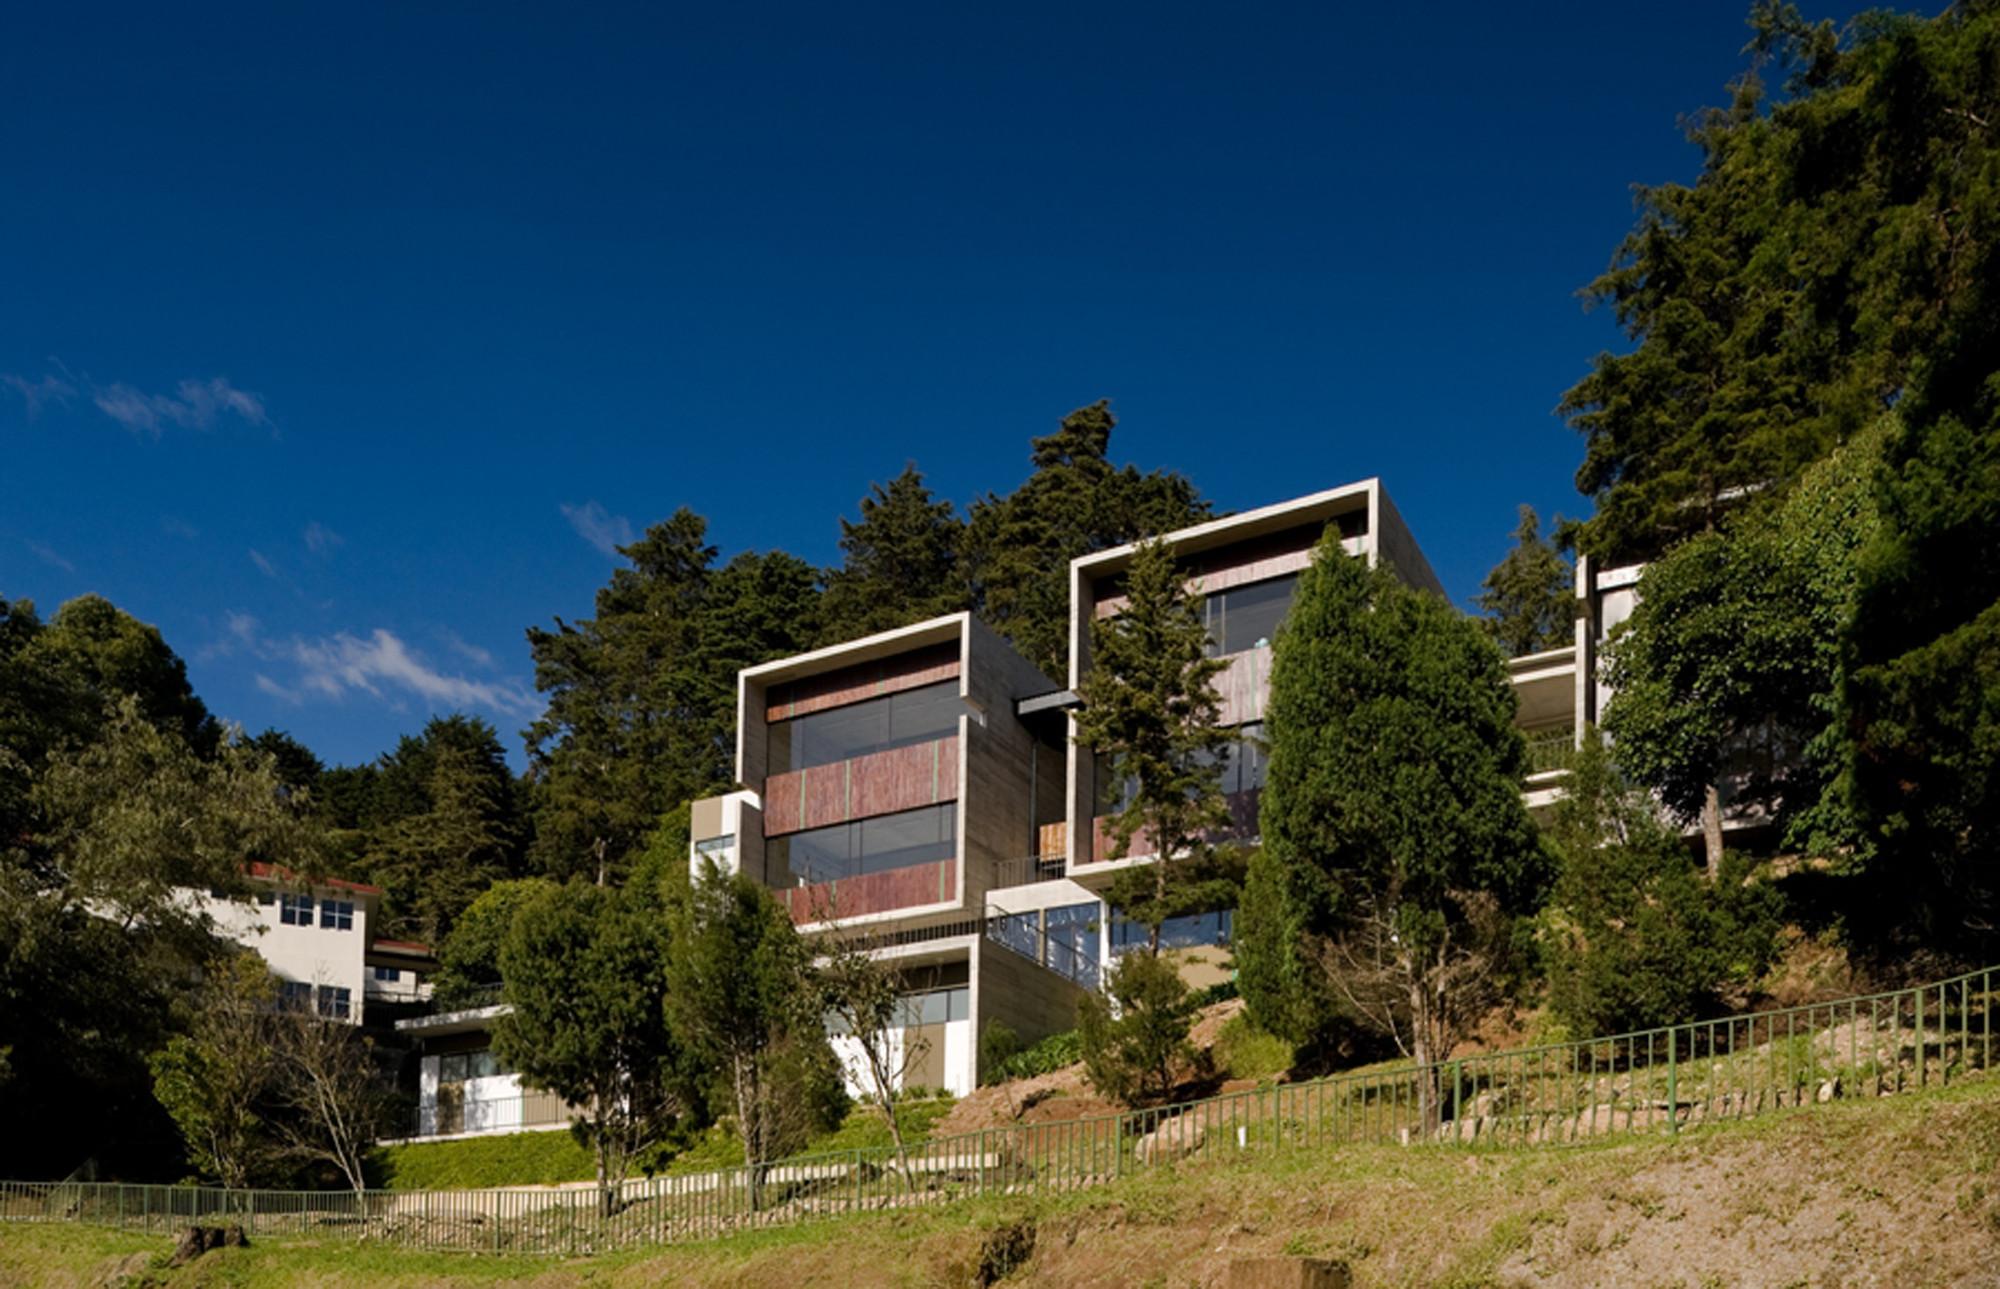 Ampliación Del Colegio Metropolitano / Paz Arquitectura, © Andres Asturias